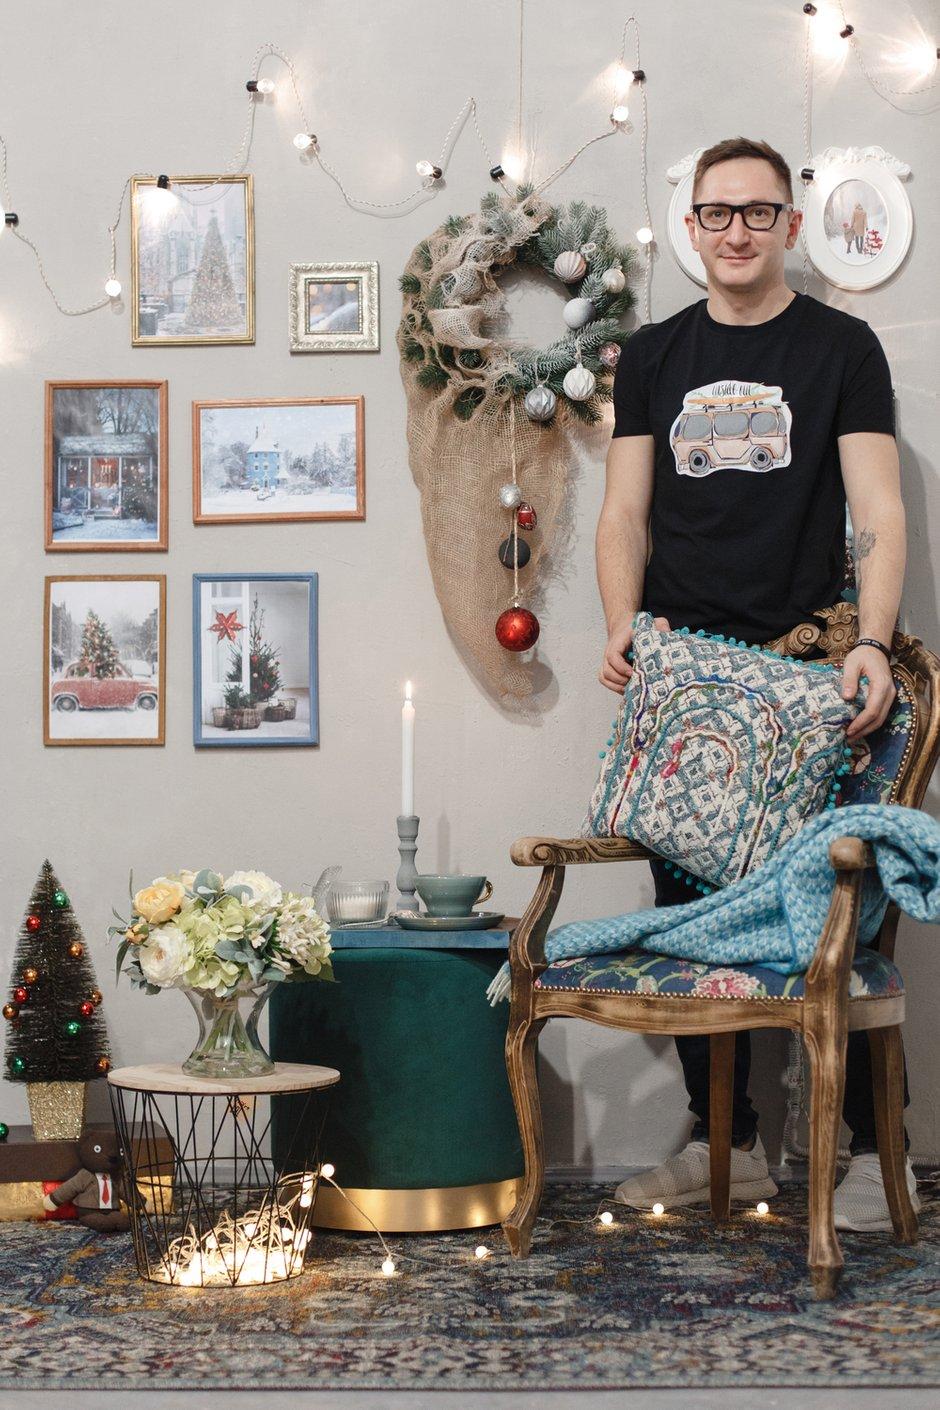 Фотография:  в стиле , Декор интерьера, BOSCH, Новый Год, Bosсh, чем декорироать пустую стену, новогодний декор, новогодний декор интерьера, Саша Мершиев, как украсить интерьер к новому году, zamo – фото на INMYROOM